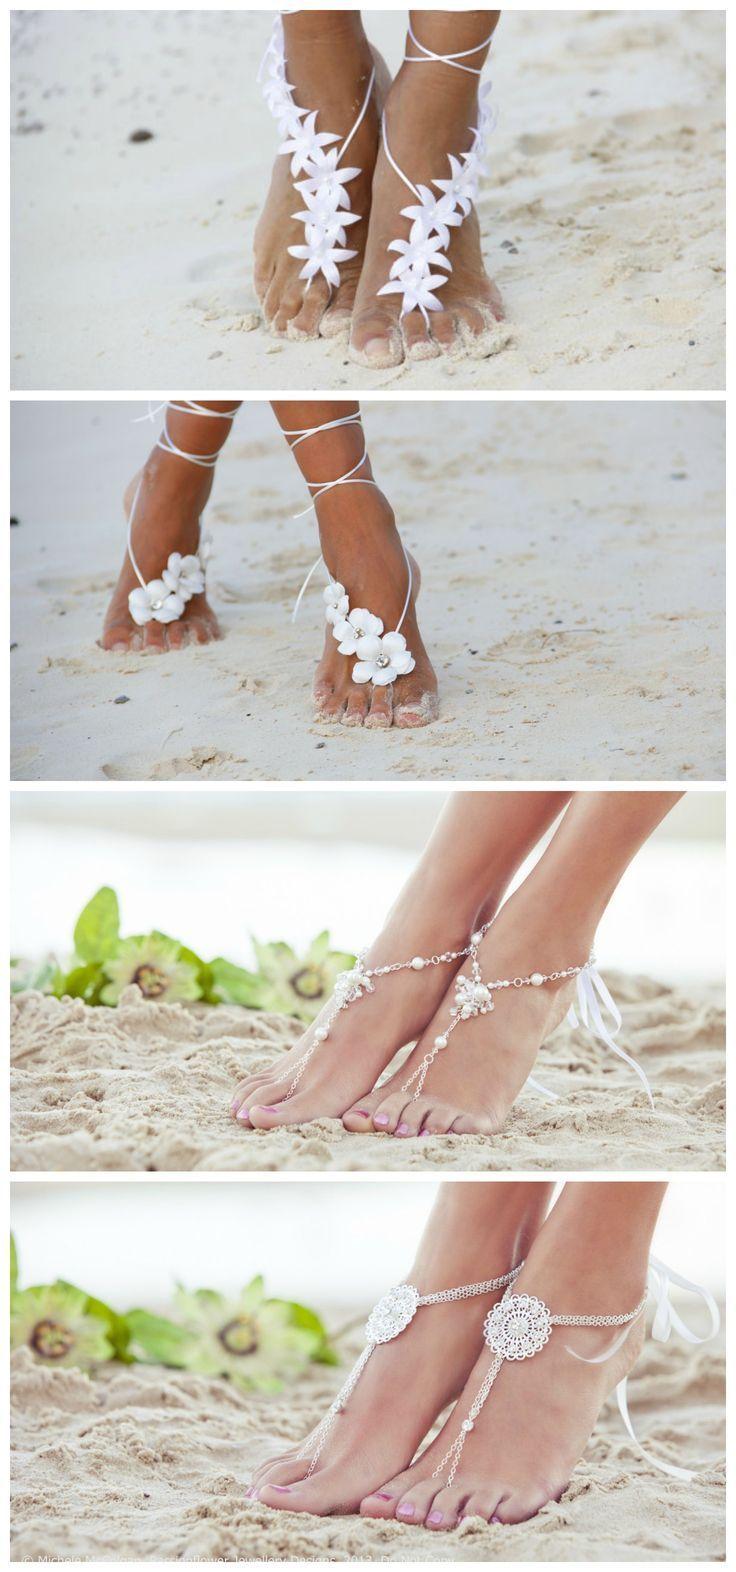 Amazing Beach Shoes For A Beach Wedding Beach Wedding Destinationweddingexpert Beach Wedding Shoes Beach Wedding Dream Wedding